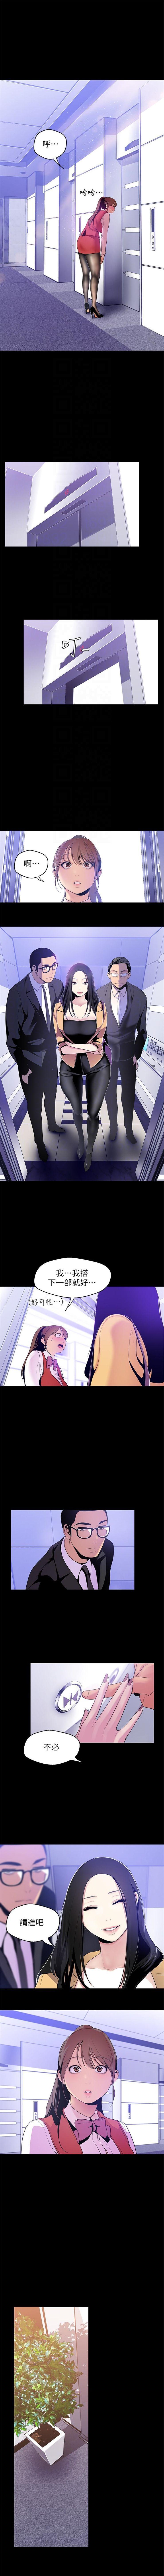 (週1)美麗新世界 1-70 中文翻譯 (更新中) 422